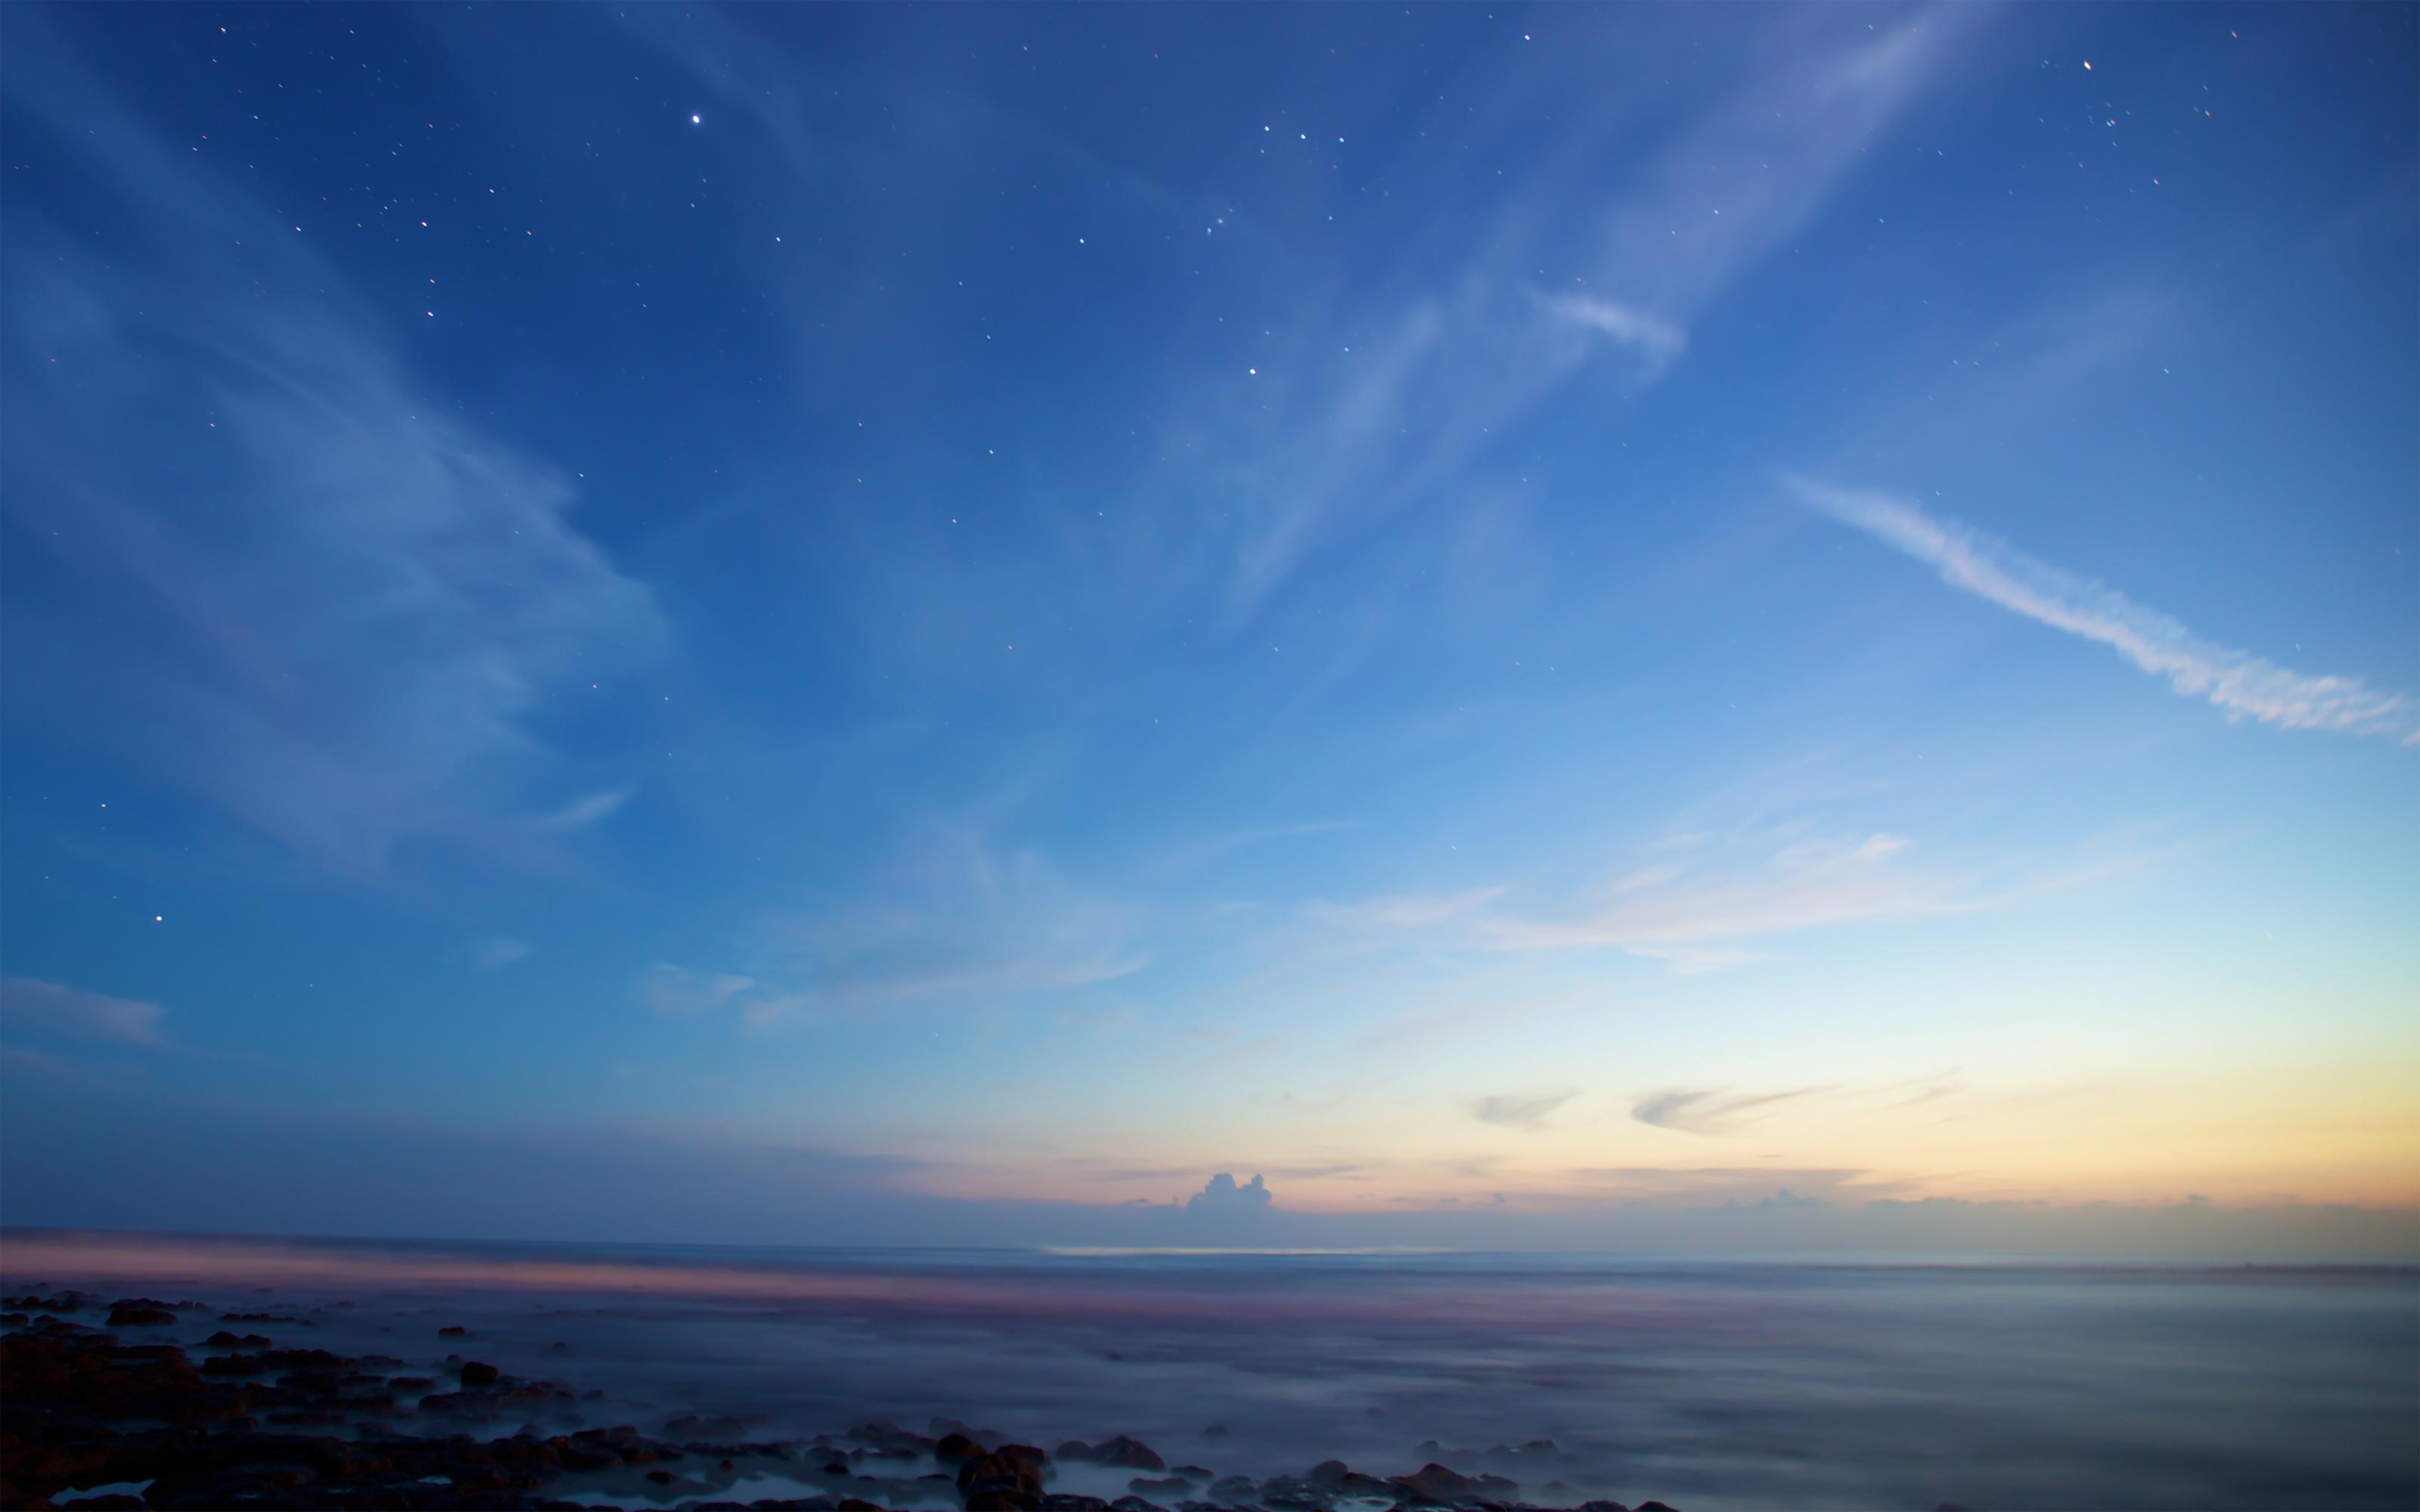 Twilight Blue >> Wallpaper : sky, stars, Twilight, blue 3200x2000 - wallup - 682621 - HD Wallpapers - WallHere